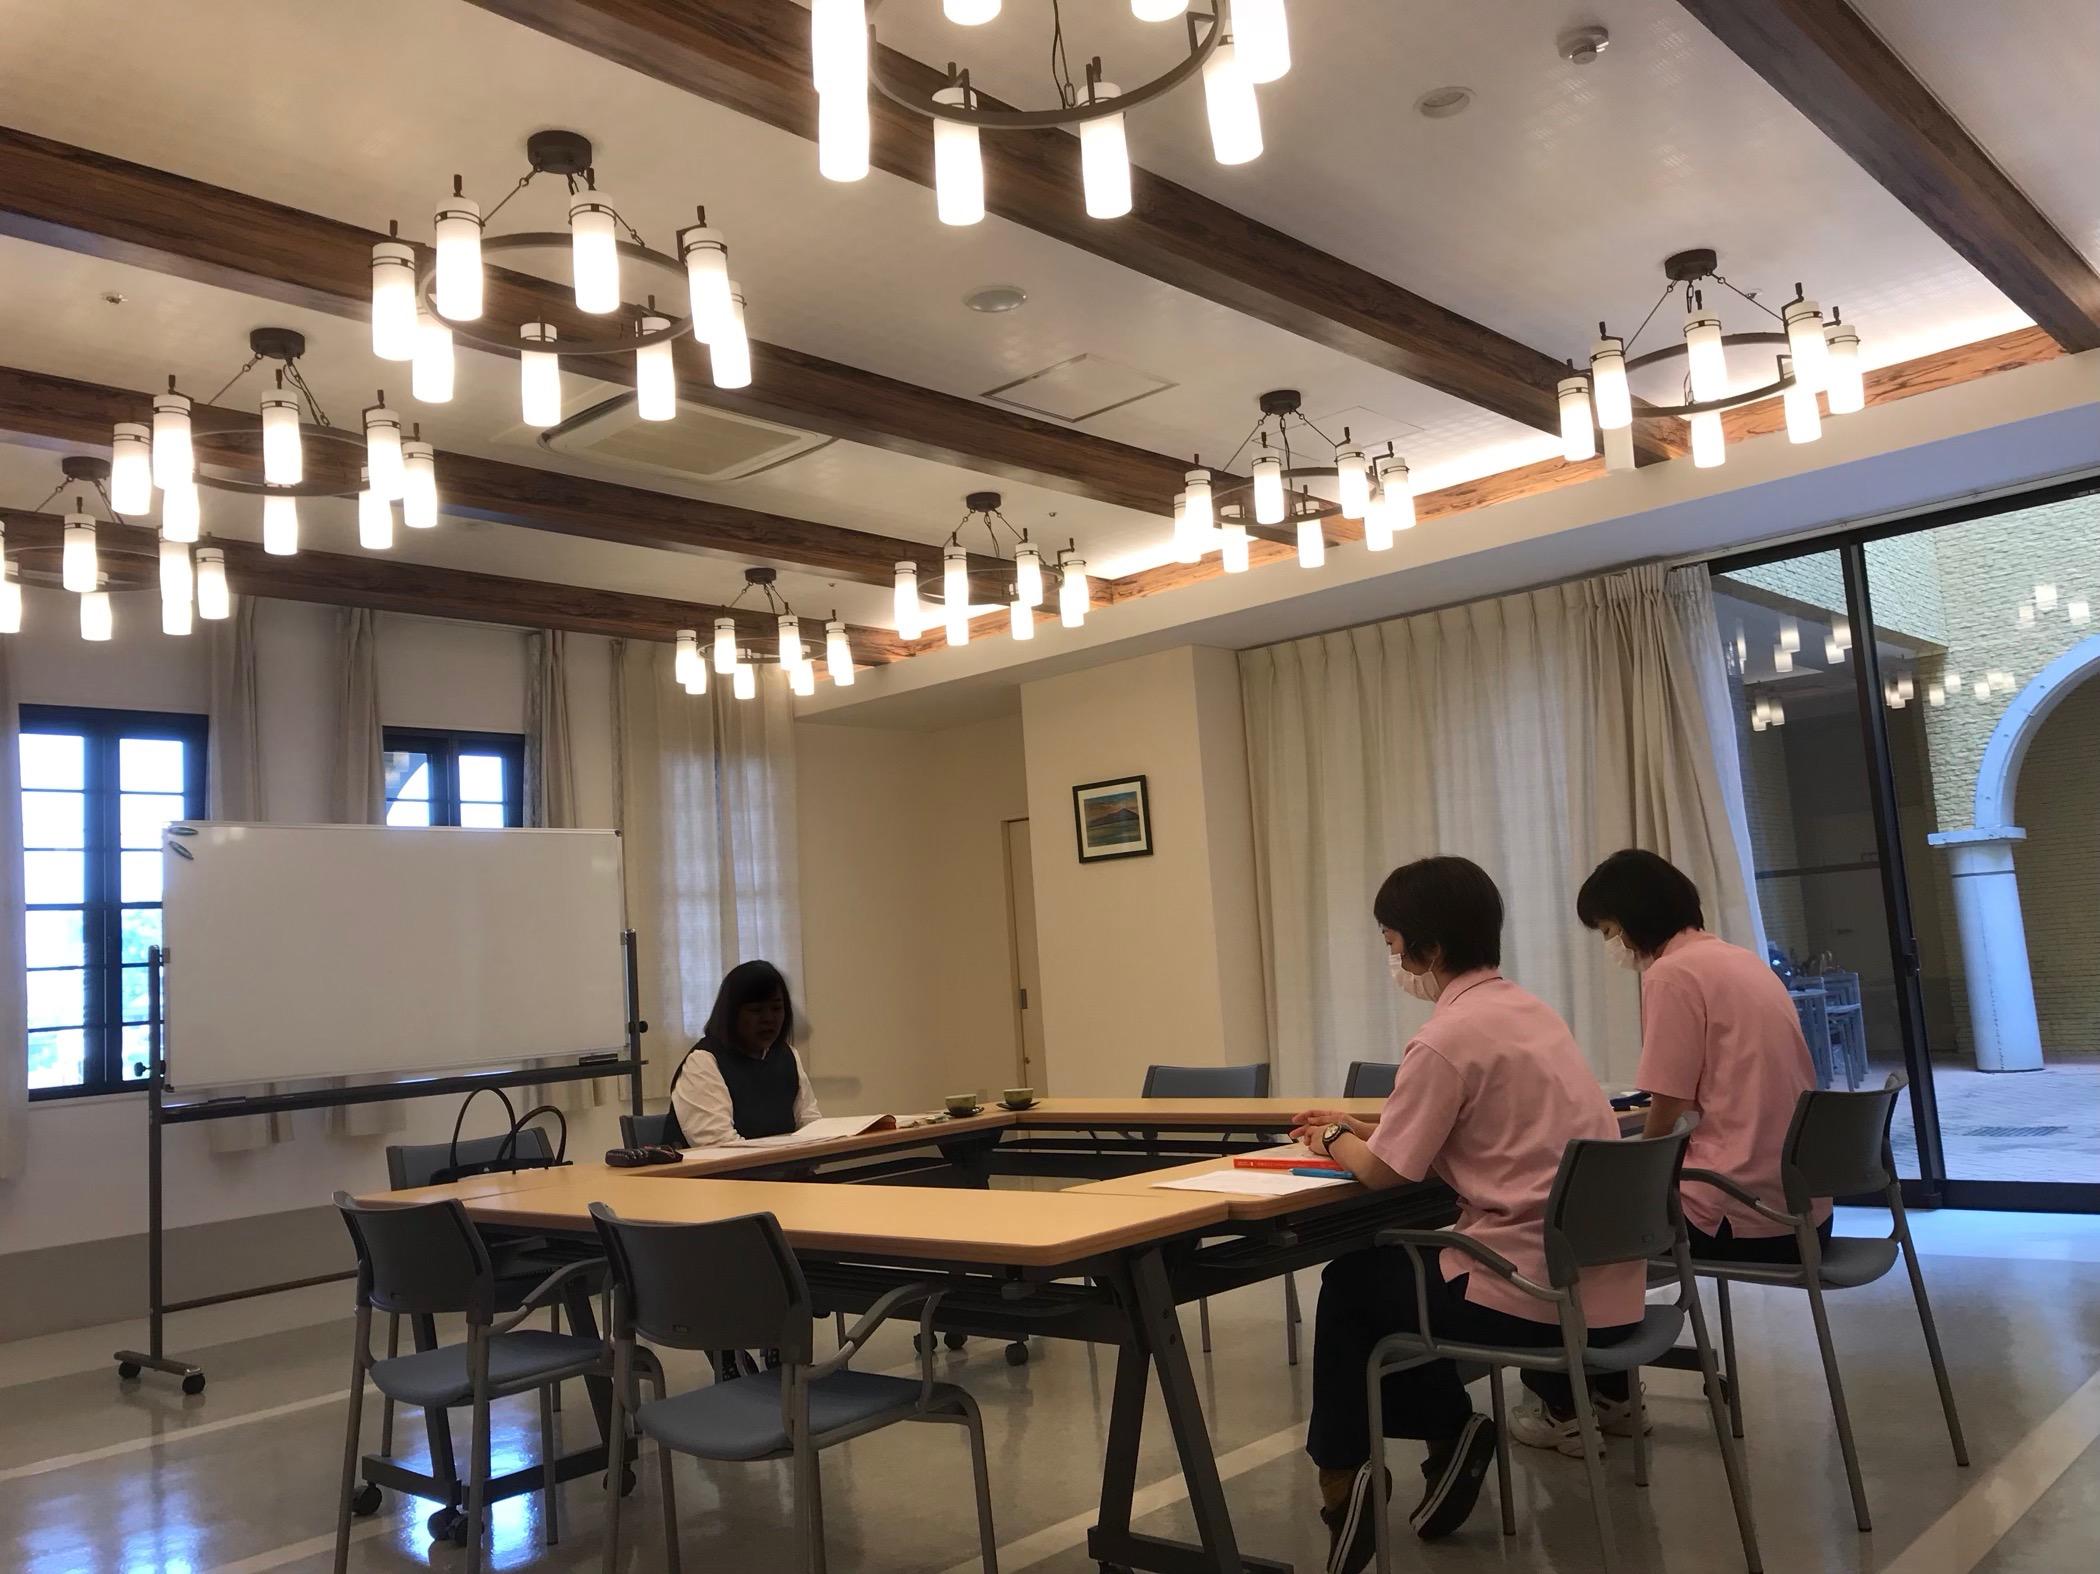 熊本県熊本市北区 有料老人ホーム様(2班目)